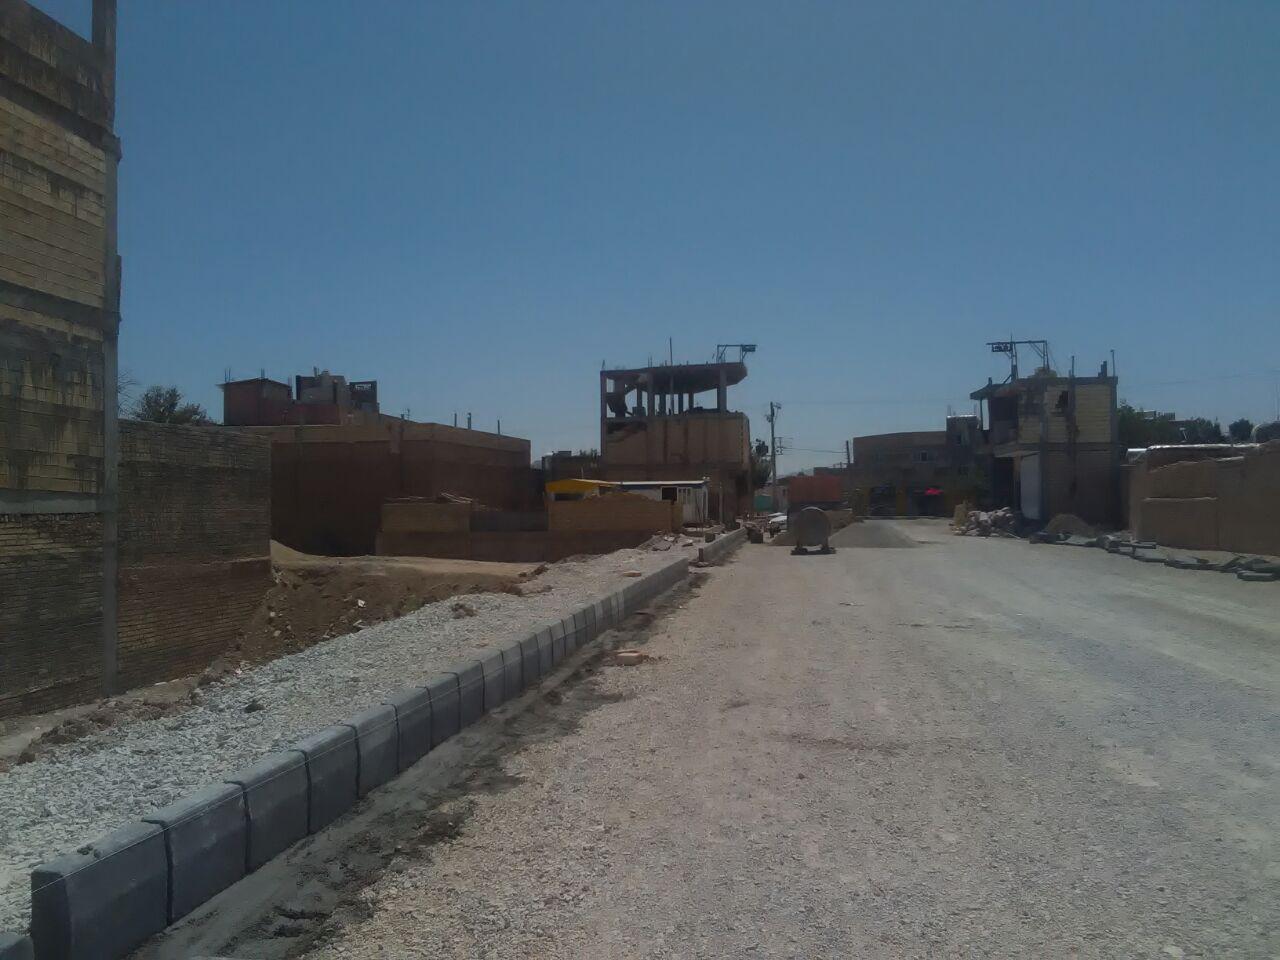 اجرای عملیات جدول گذاری پروژه خیابان ۱۶ متری آزادگان به بلوار فاضل هندی آغاز شد.